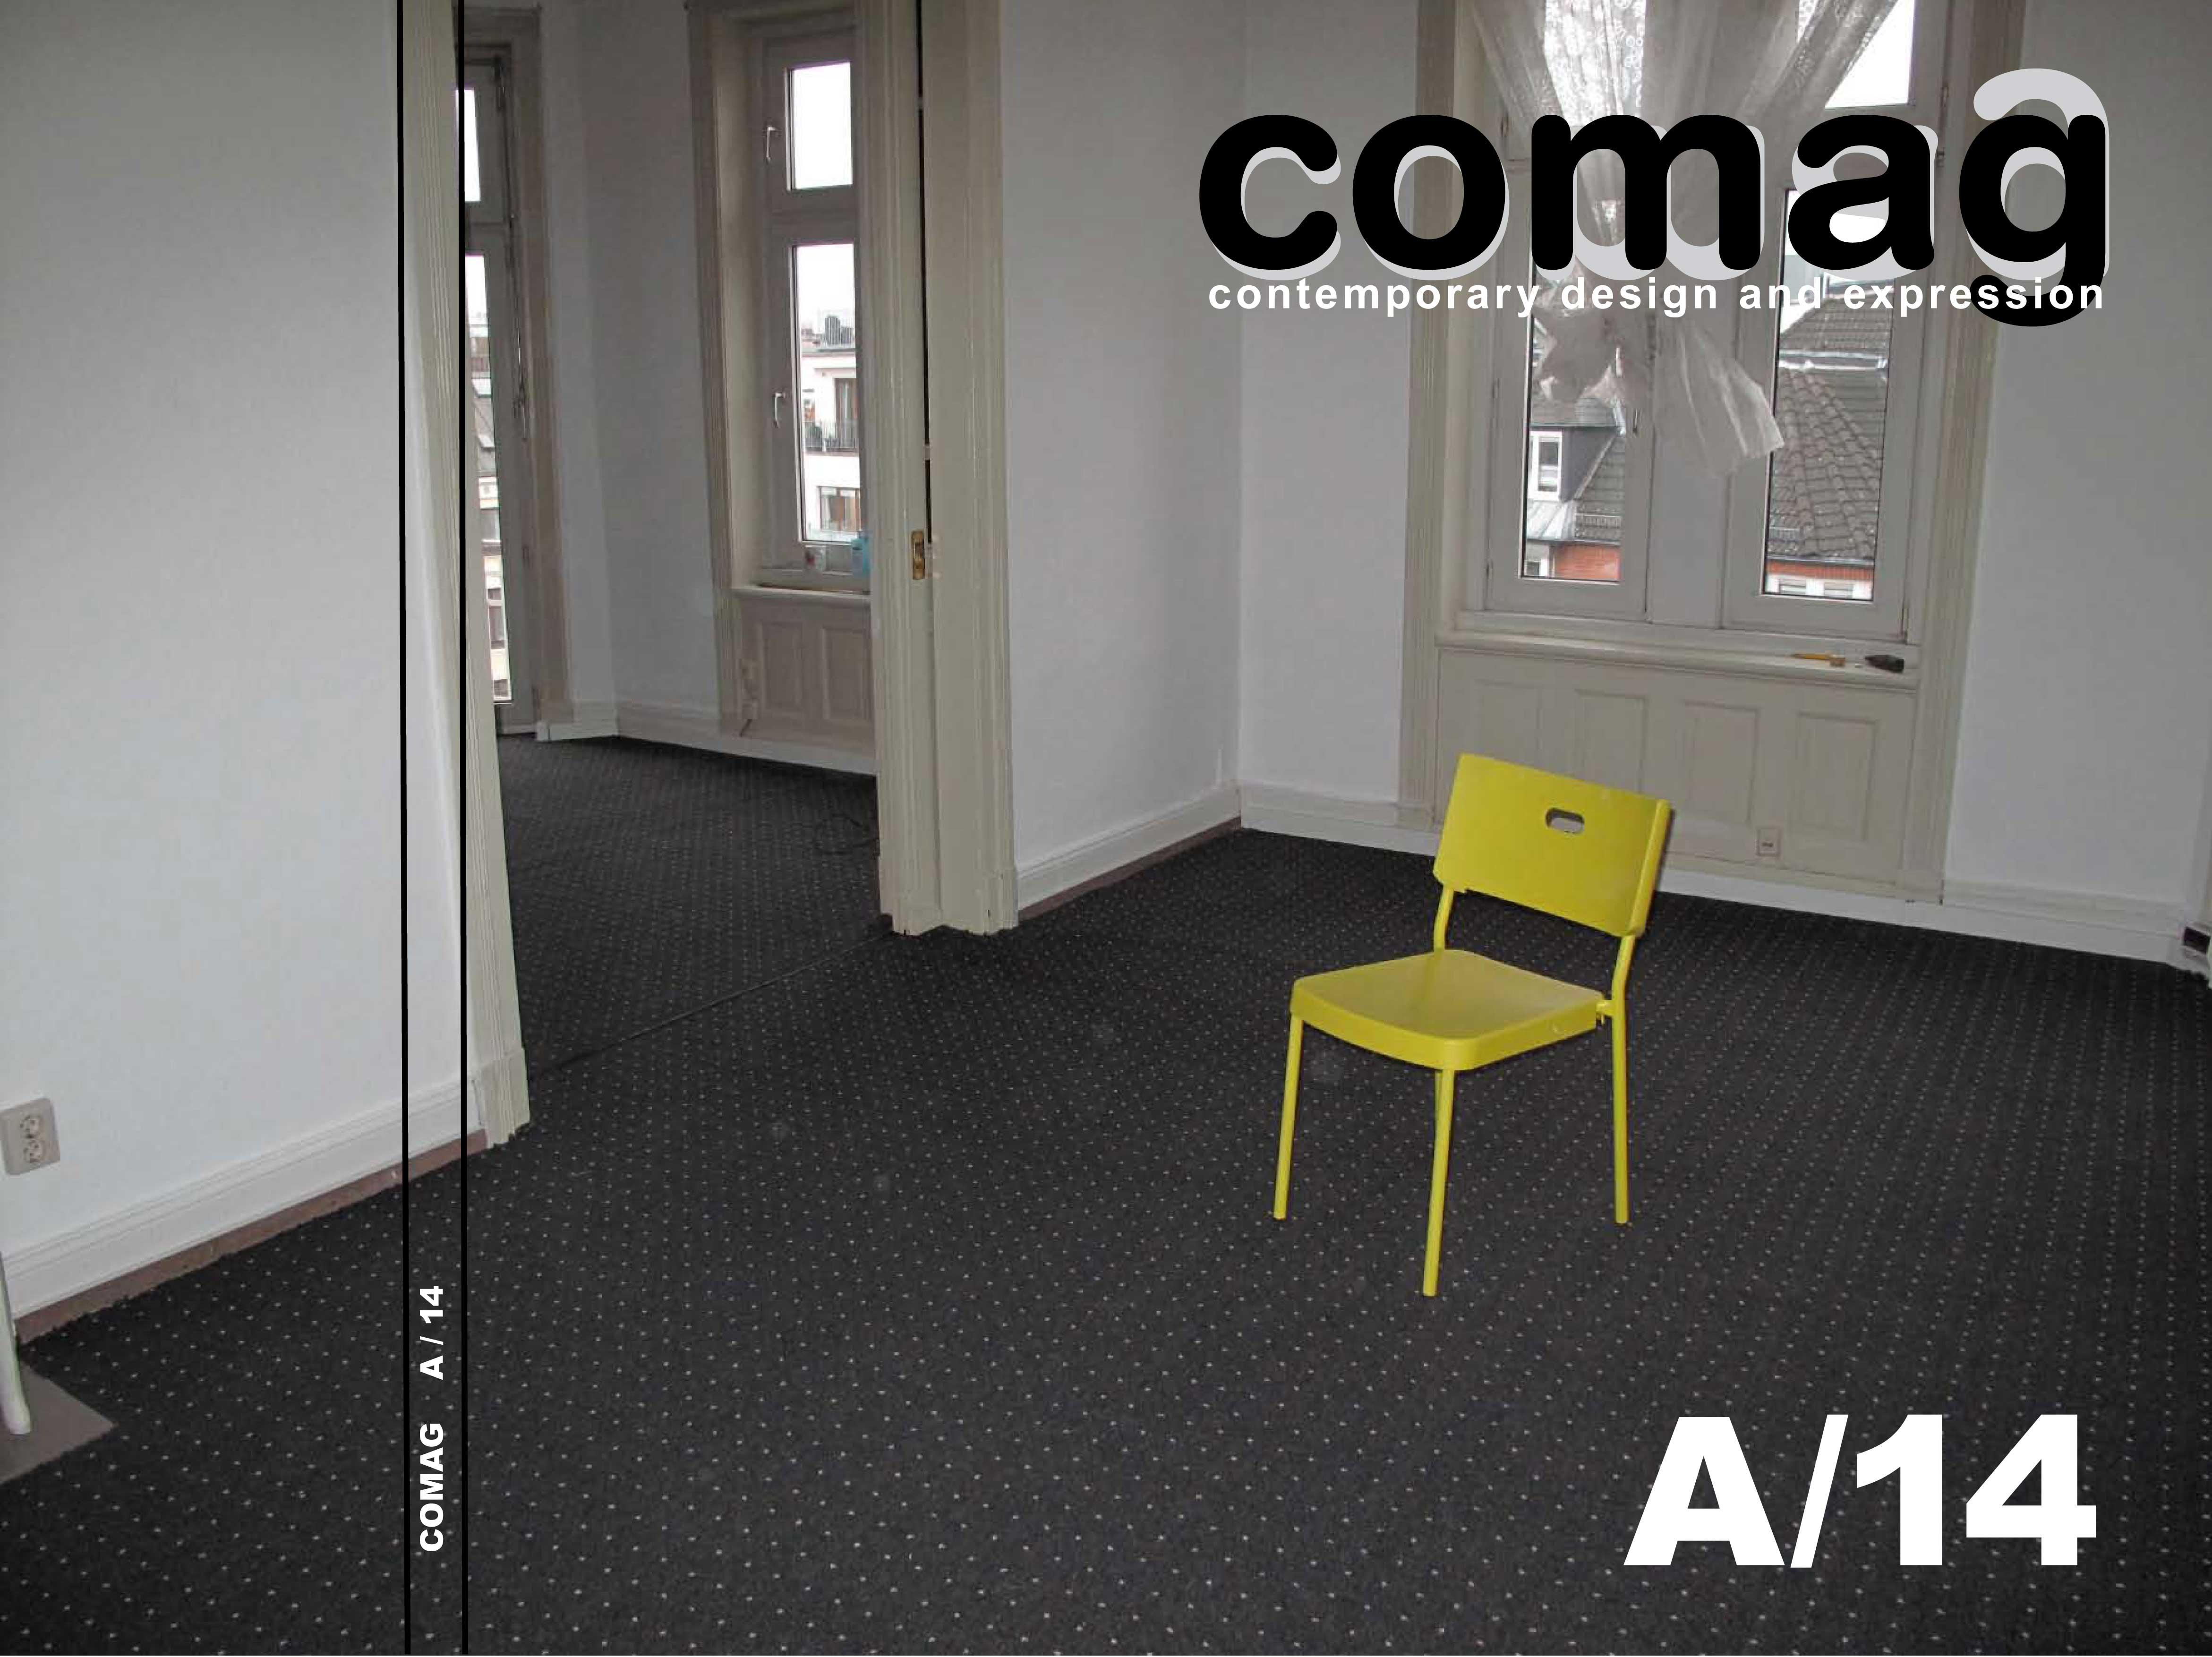 comagwebA-14cover